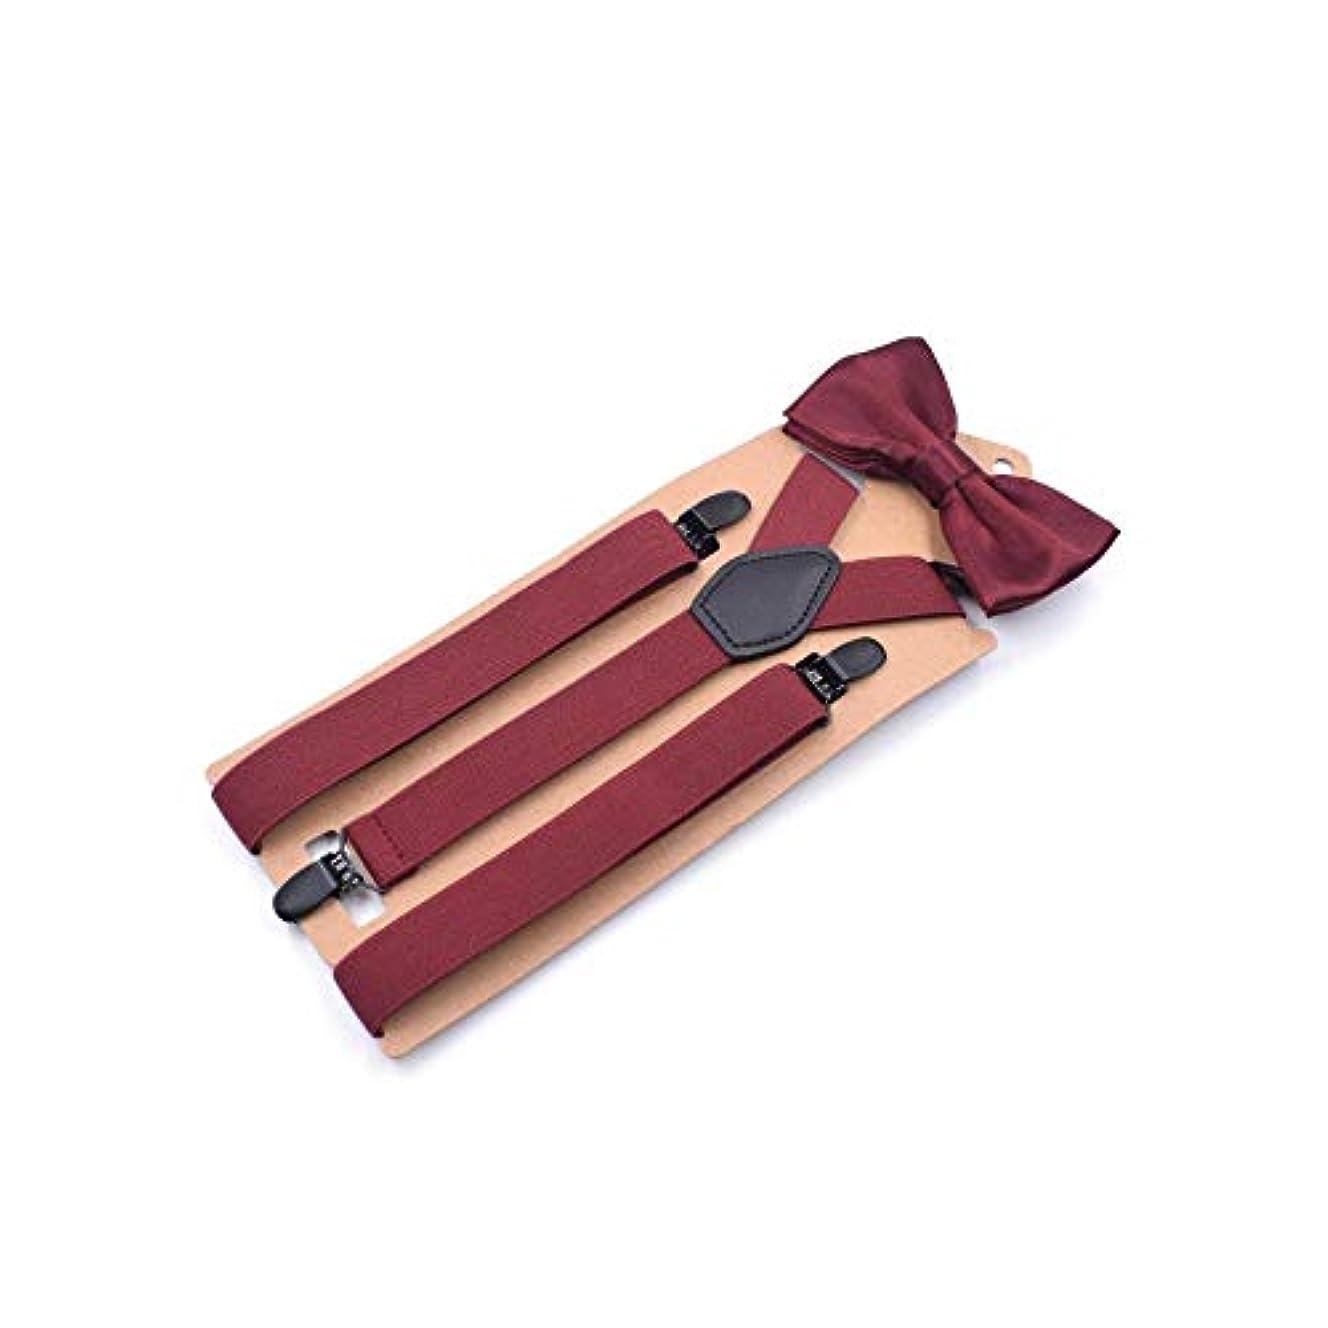 芝生フォーク週末Y字型 大人3クリップY字型サスペンダー蝶ネクタイセット調節可能なブレース弾性ストラップセット ポリエステル+弾性